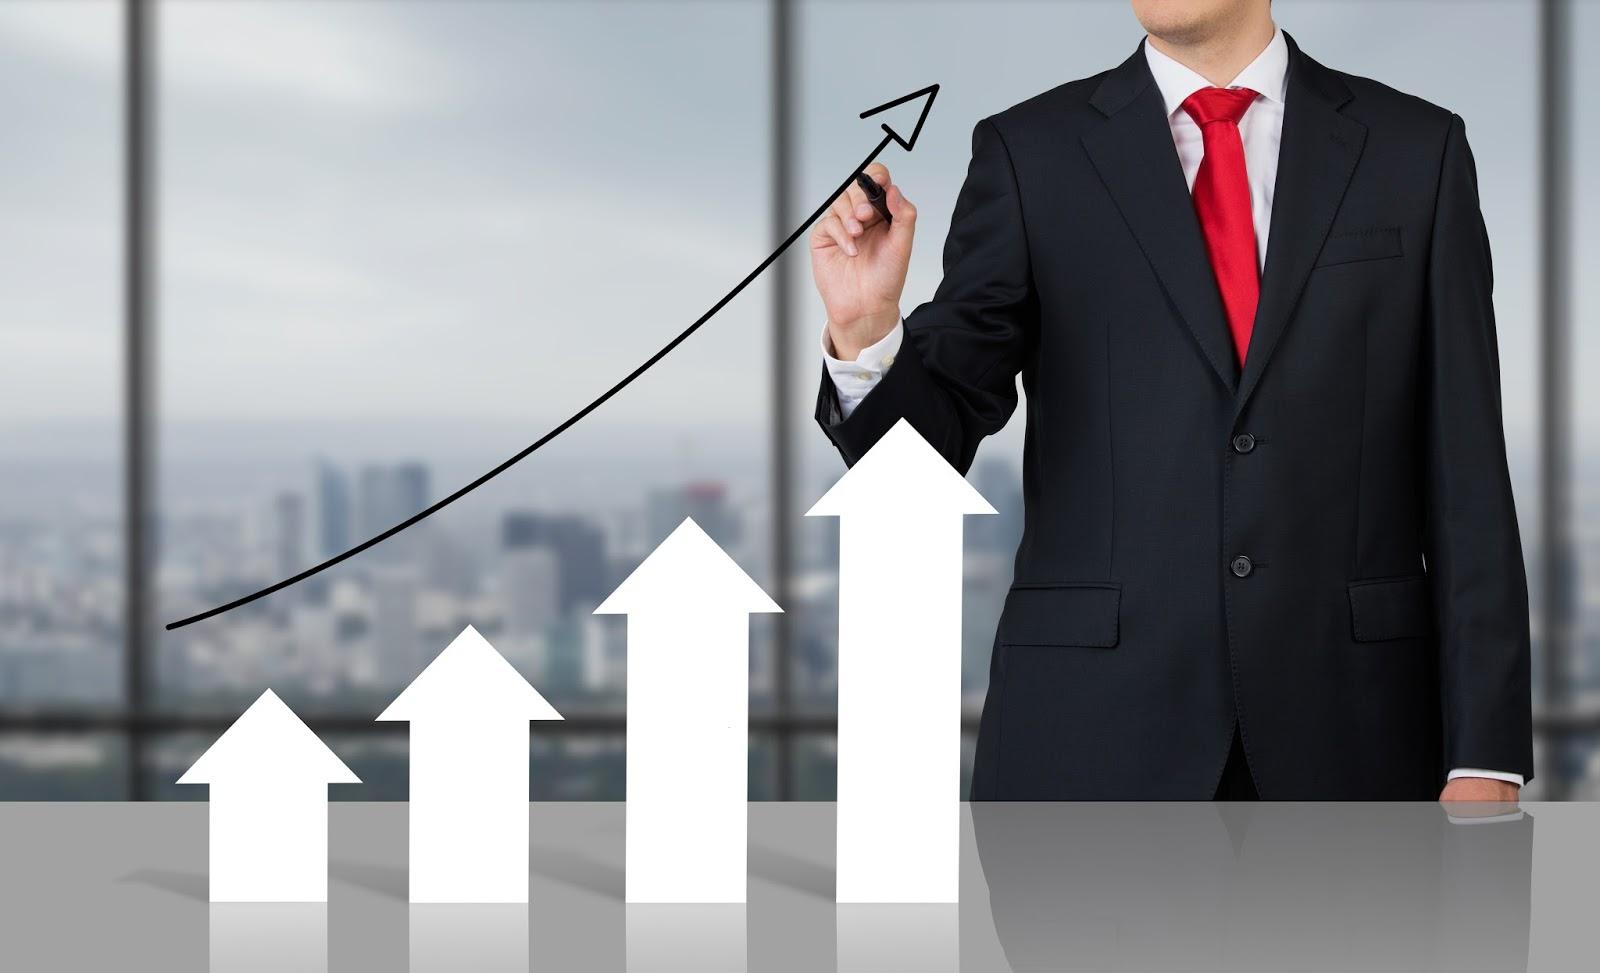 La creación de empresas se estanca, a los índices muy similares del 2009.